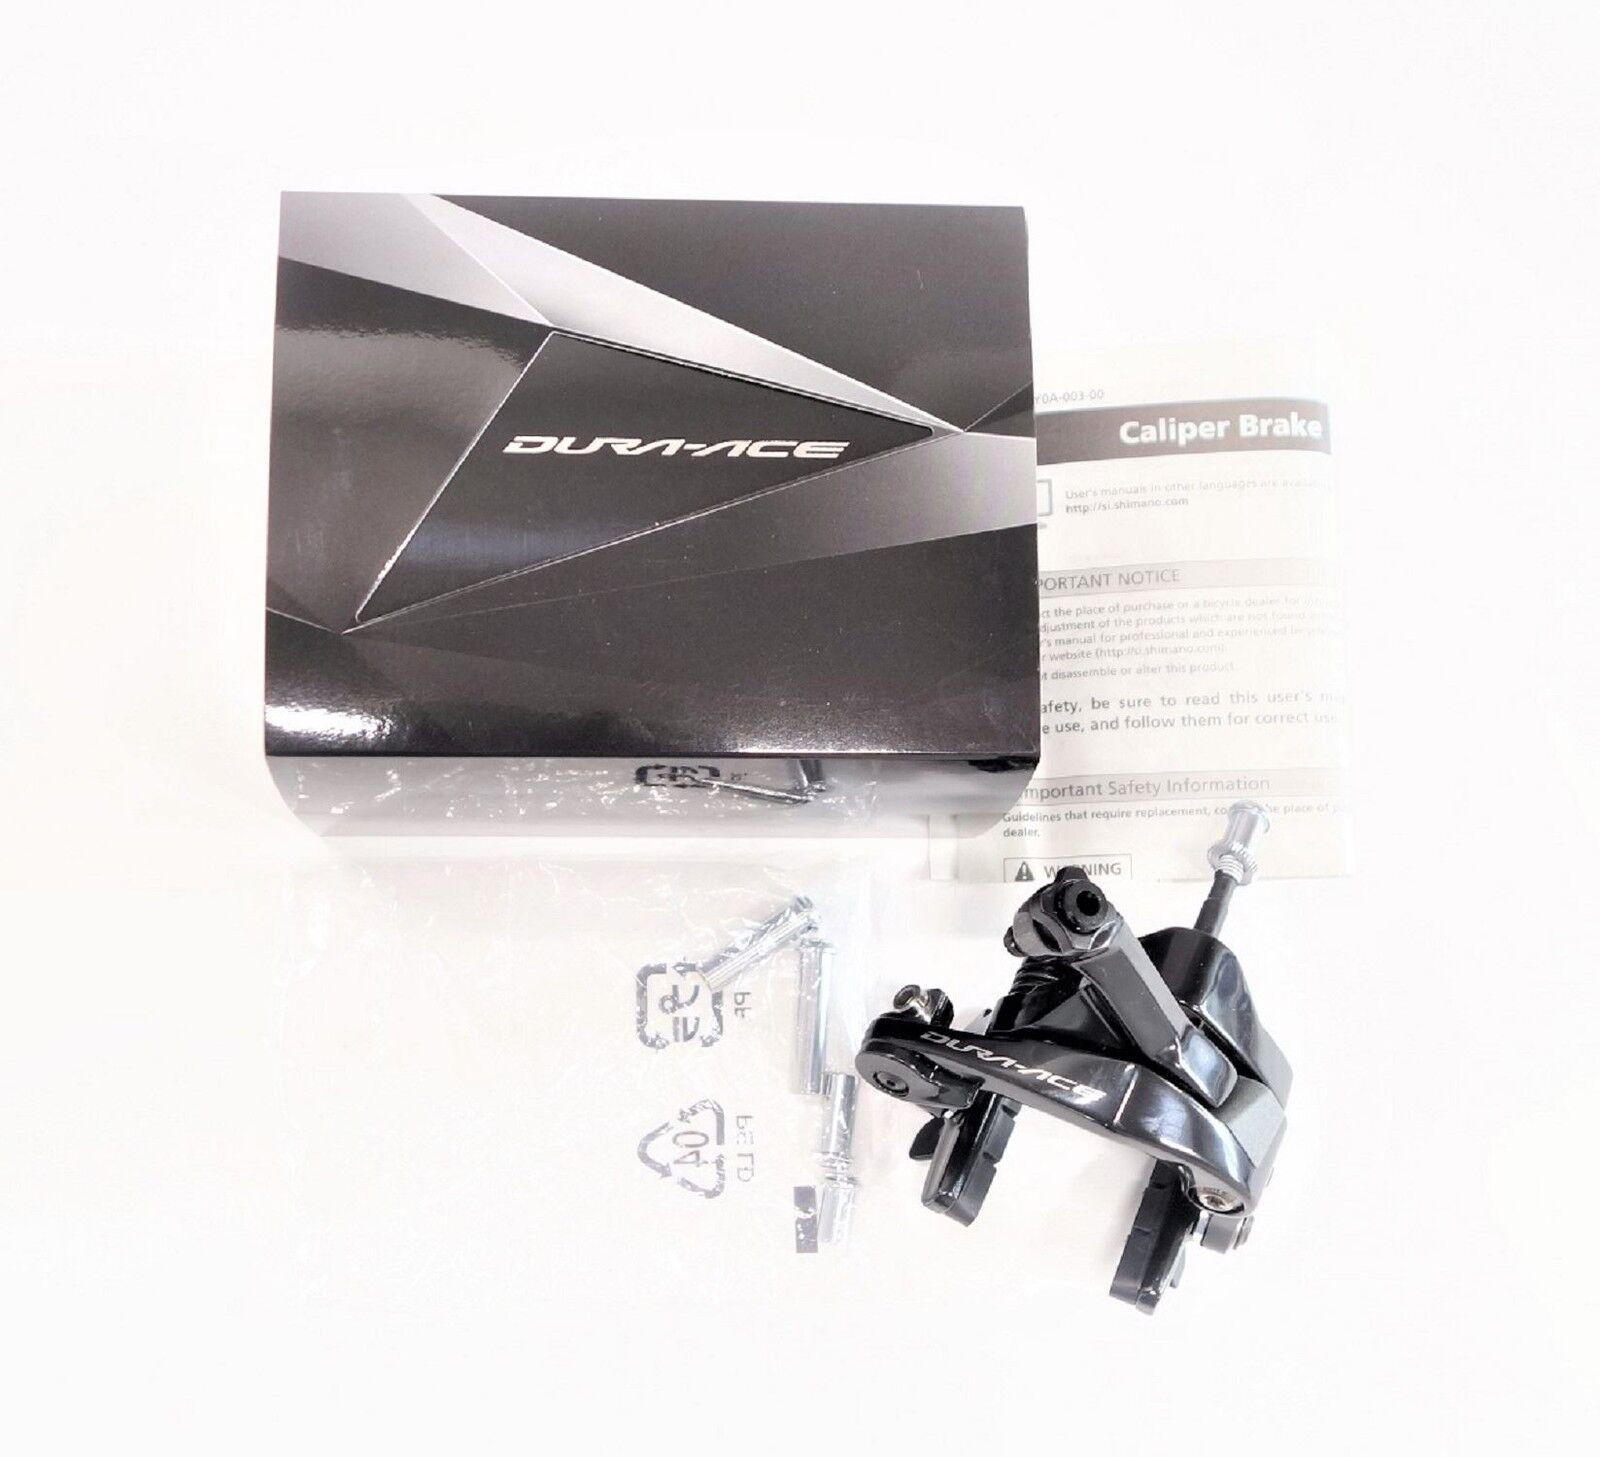 Todos los nuevos Shimano Dura Ace BR-9100 de doble pivote de pinza de freno frente solamente Garantía